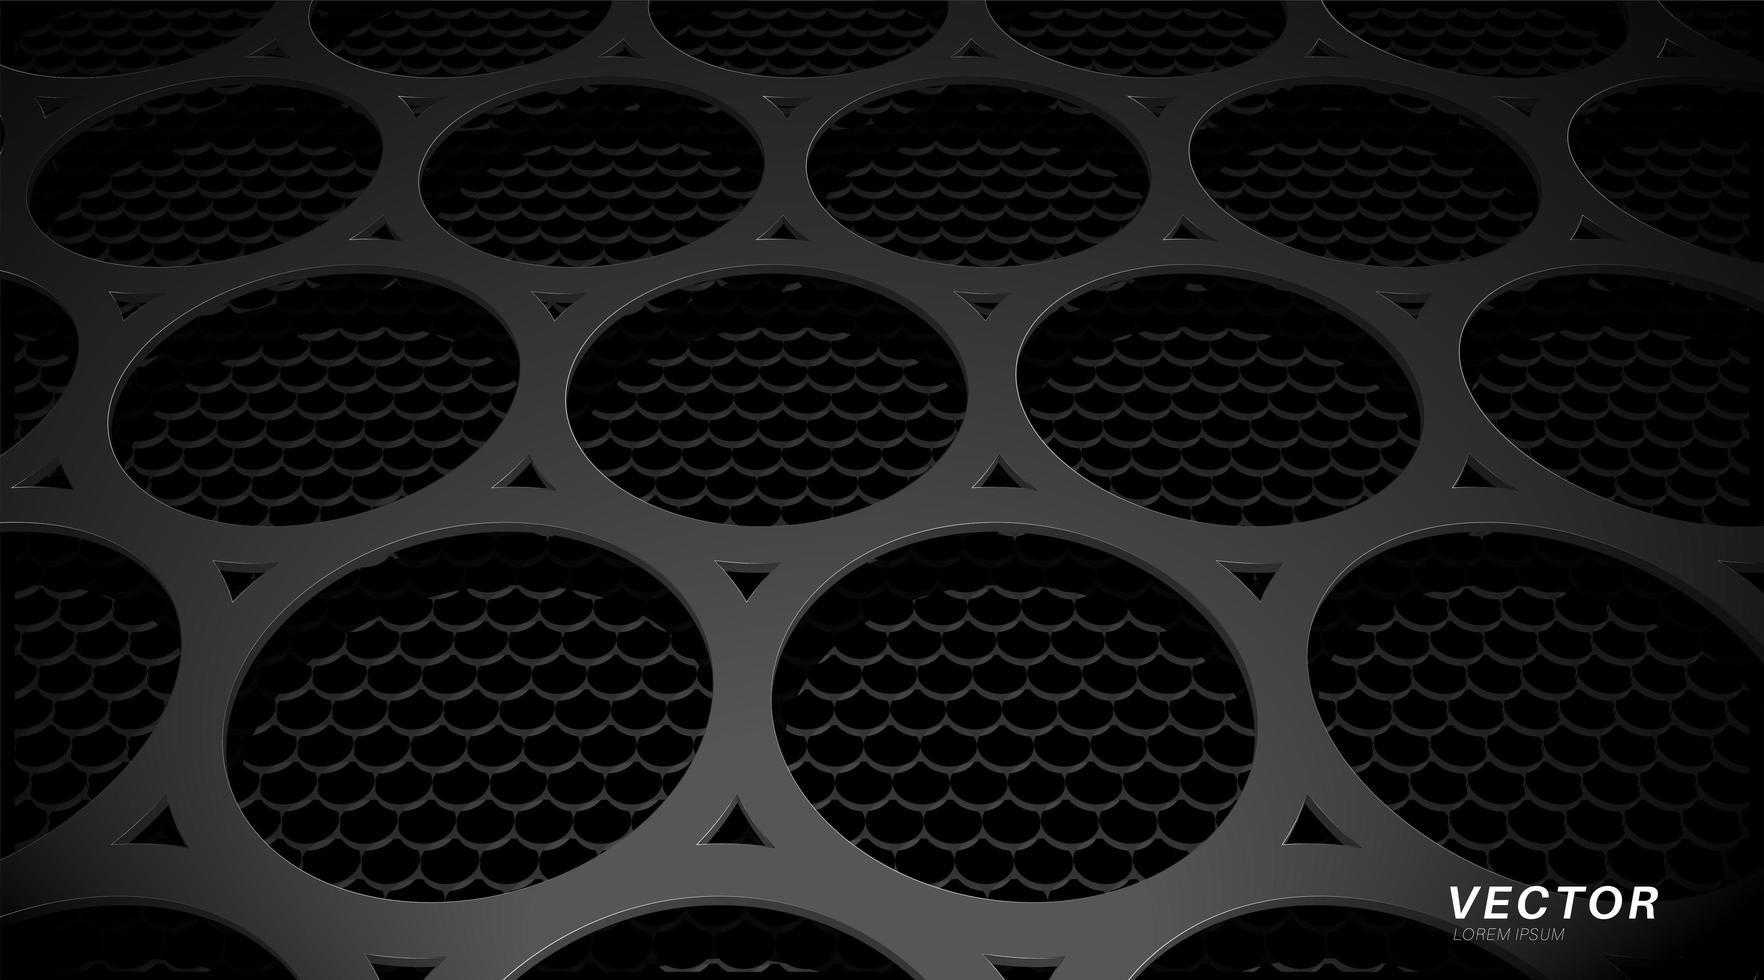 conception de fond abstrait avec texture en métal perforé. conception illustration vectorielle 3d vecteur